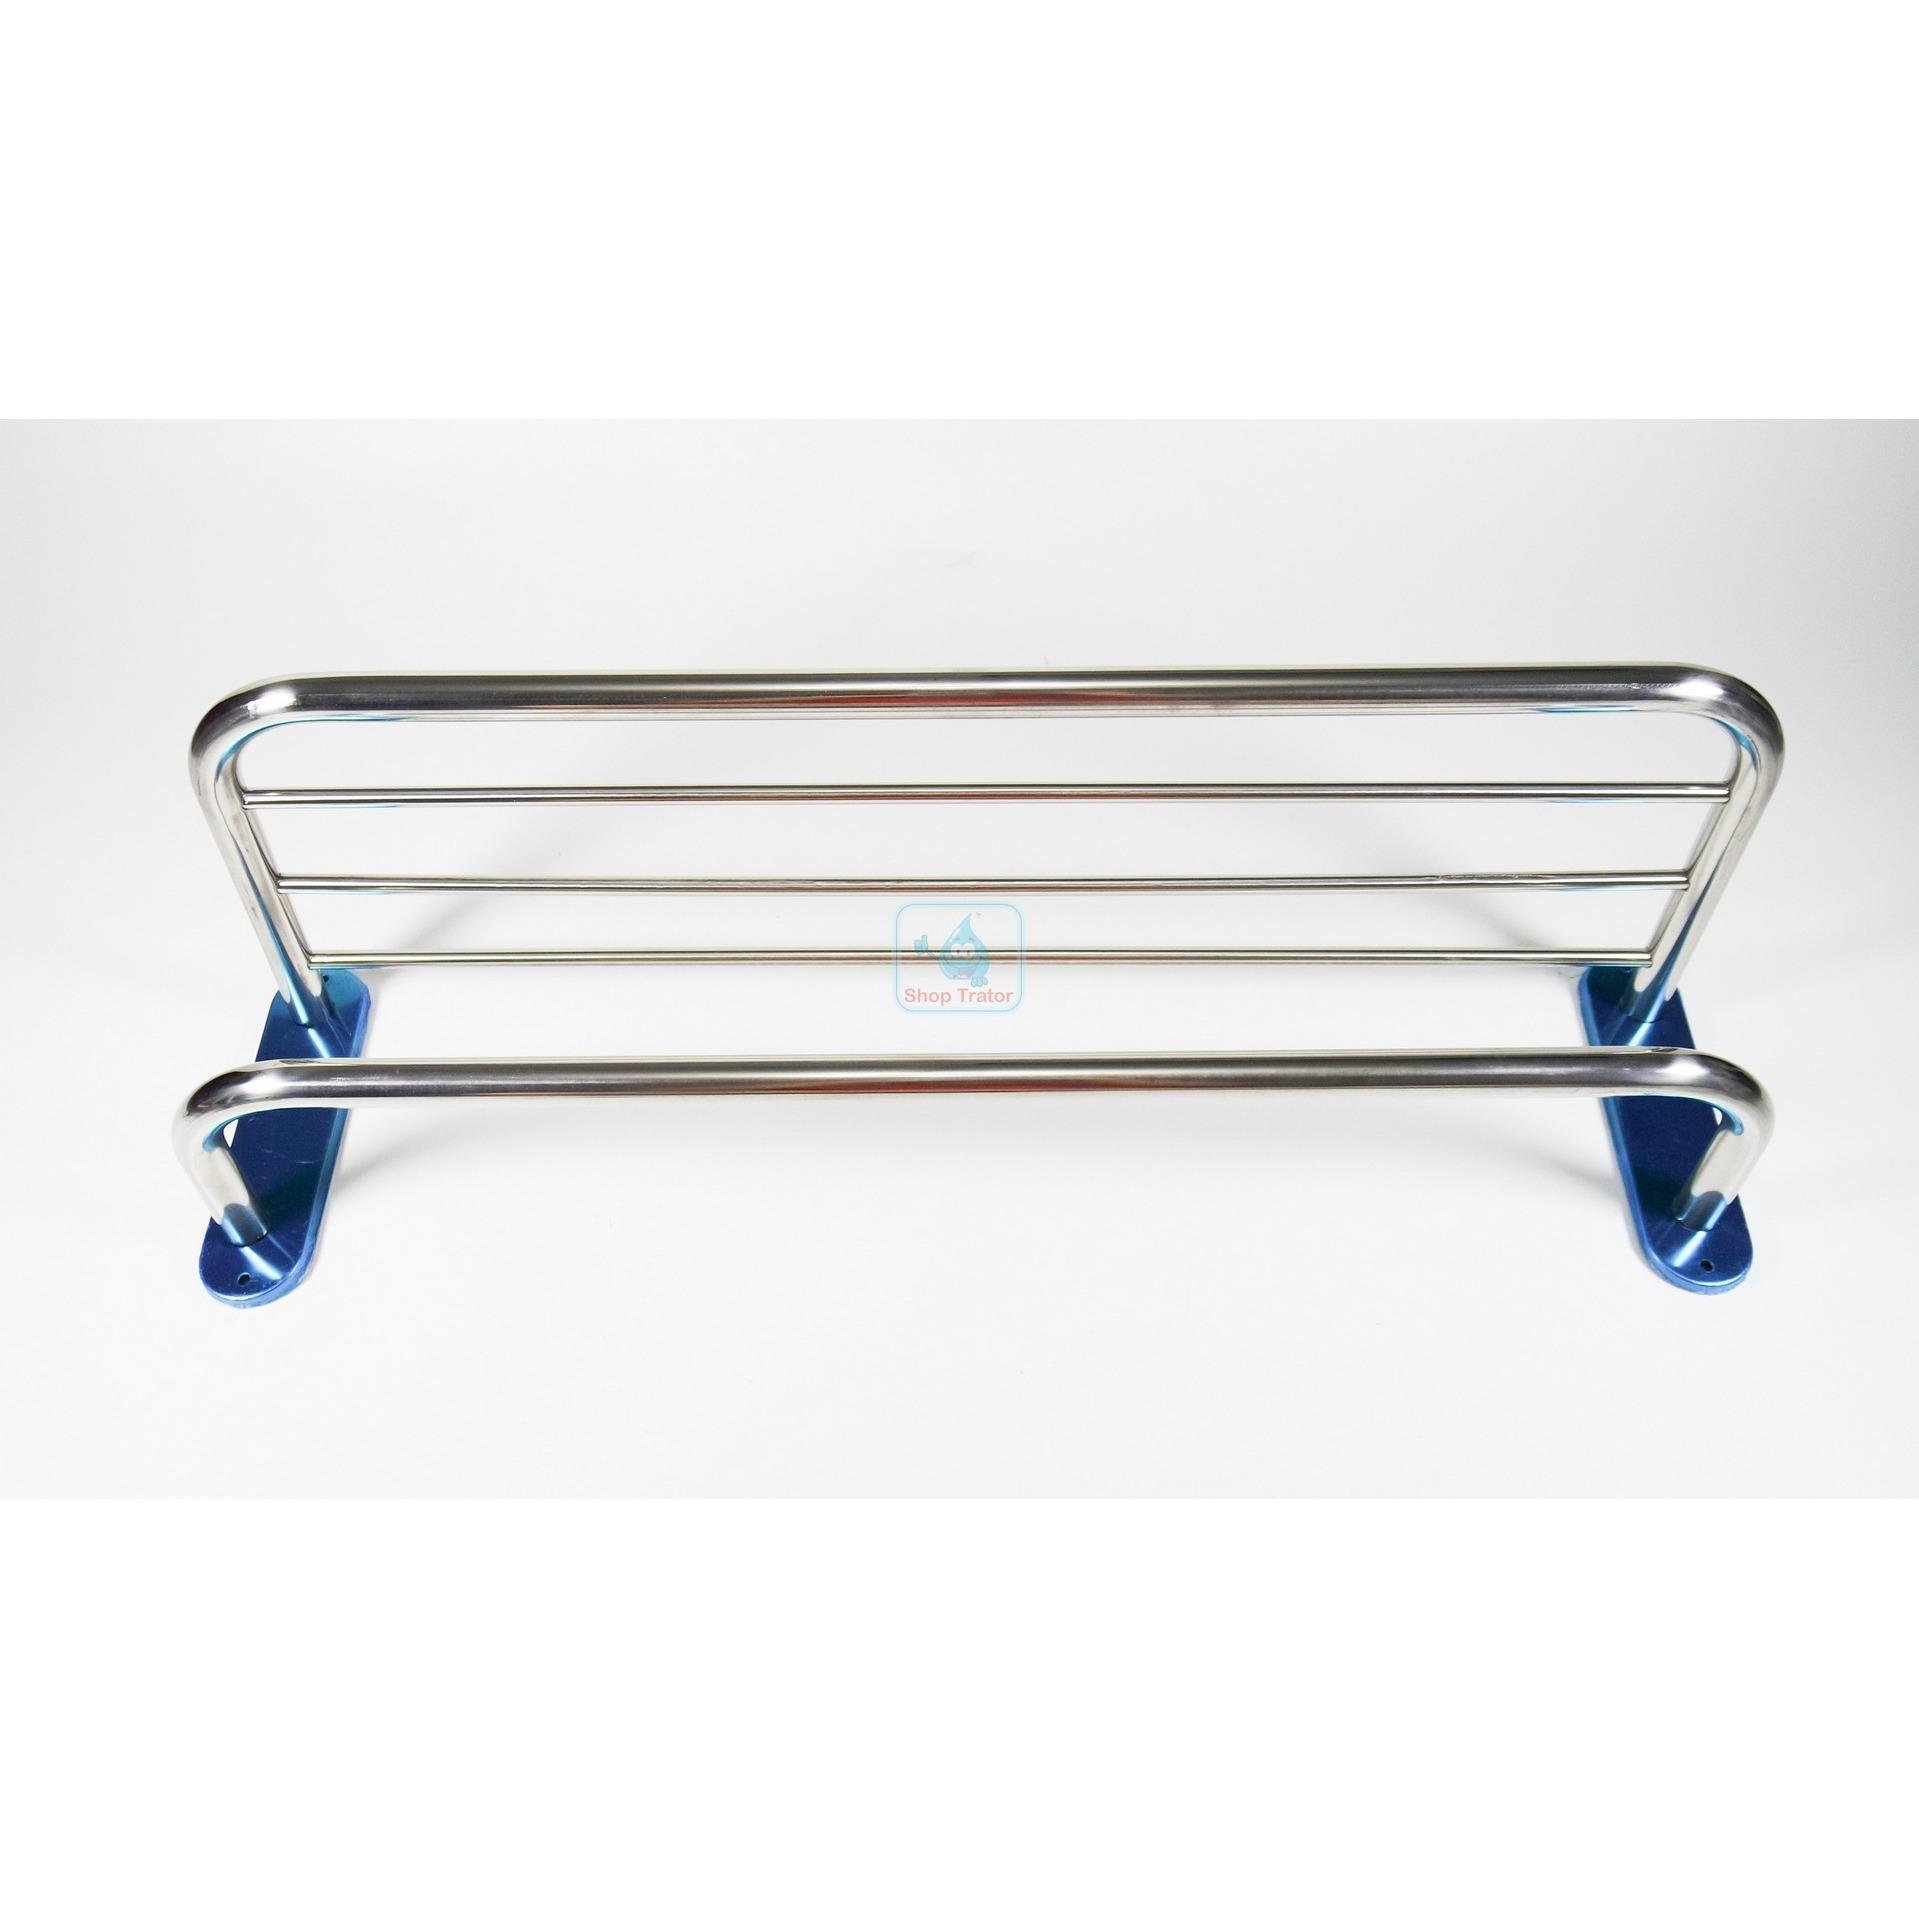 Look Single Rail Towel Hanger Rack Stainless Steel 50 Cm Gantungan Toto Tx701ag Bar Tempat Handuk Gambar Produk Rinci Rak 5 Susun Murah Terkini